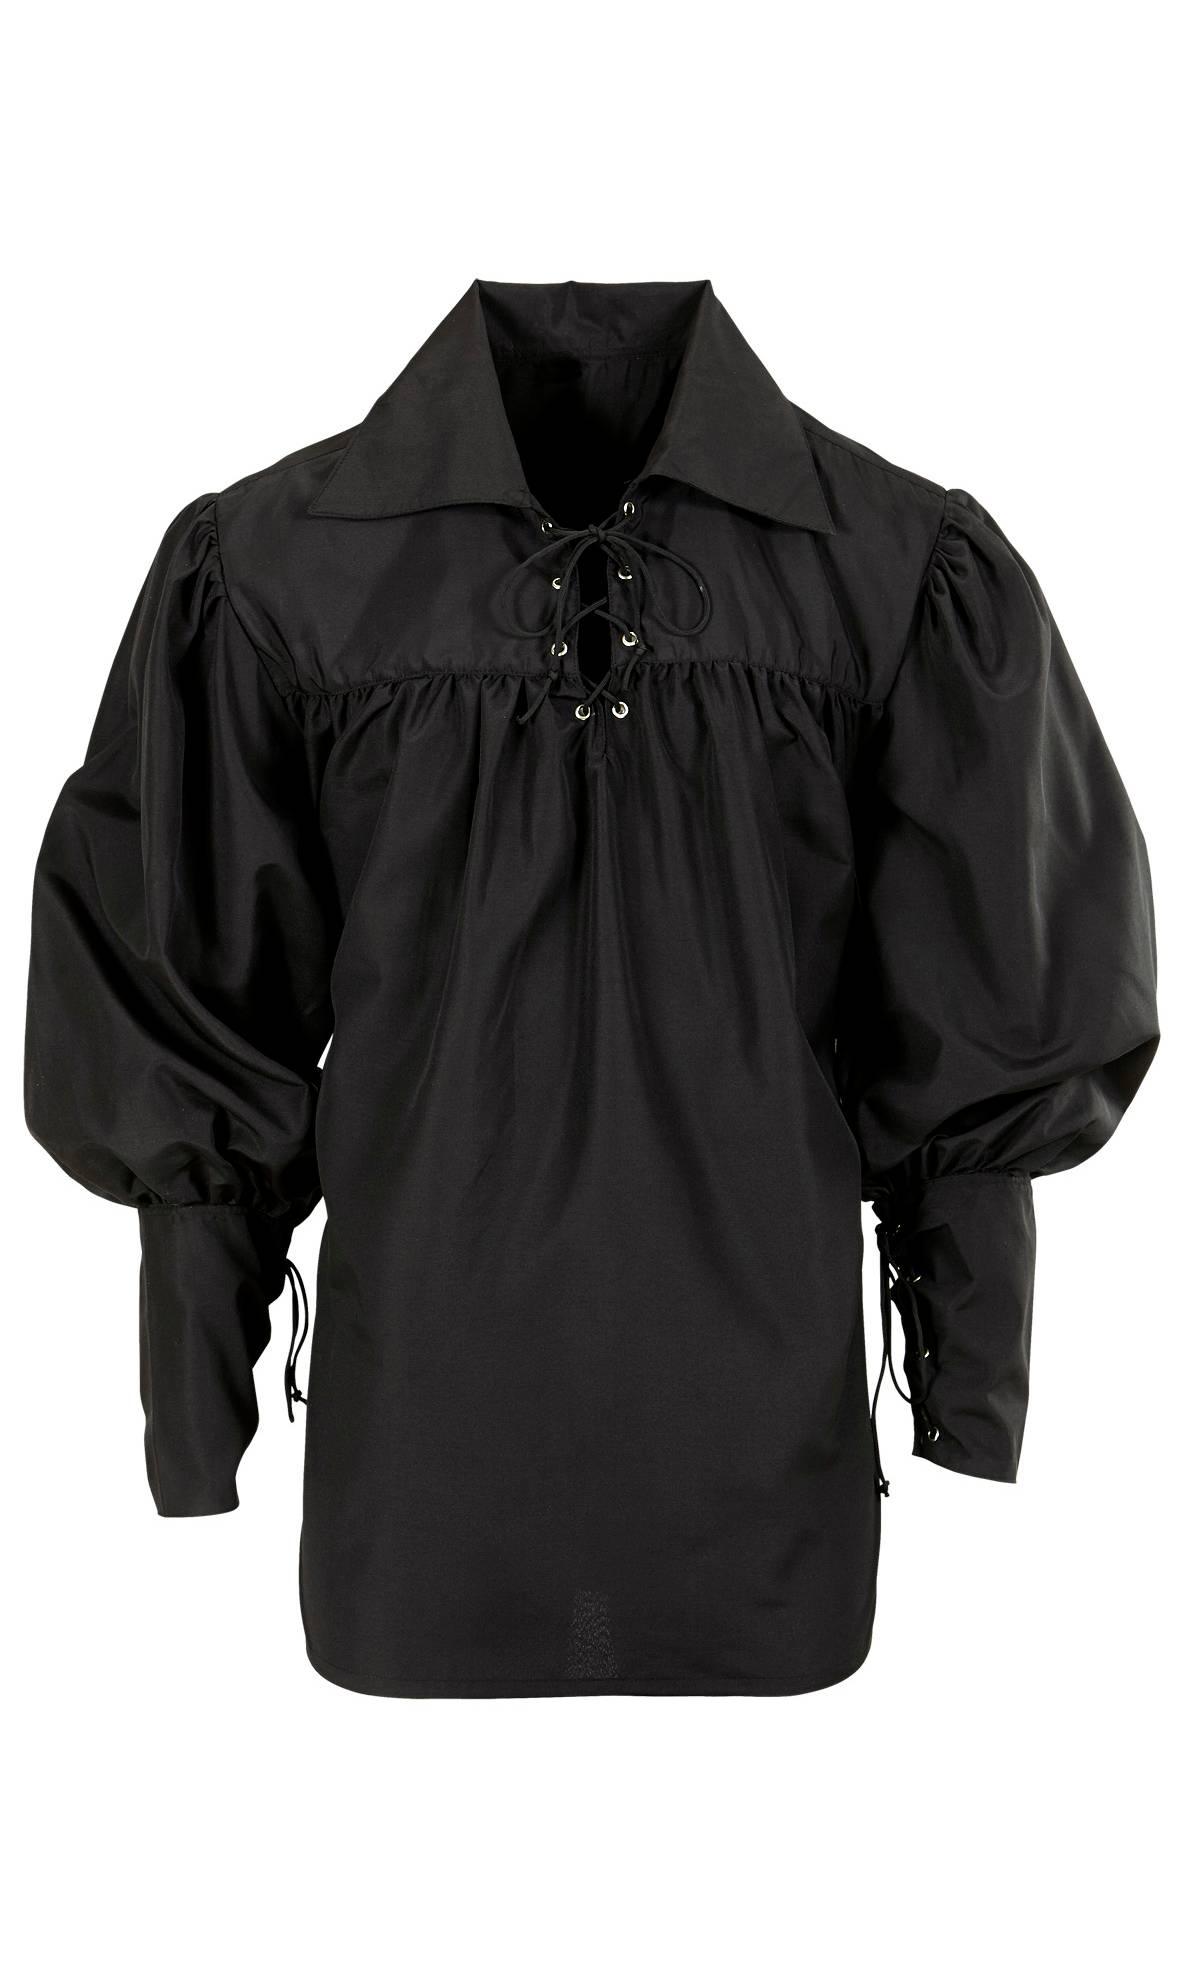 W10104 Taille Noire Grande Xl Époque Chemise Homme ZwqfxgnO